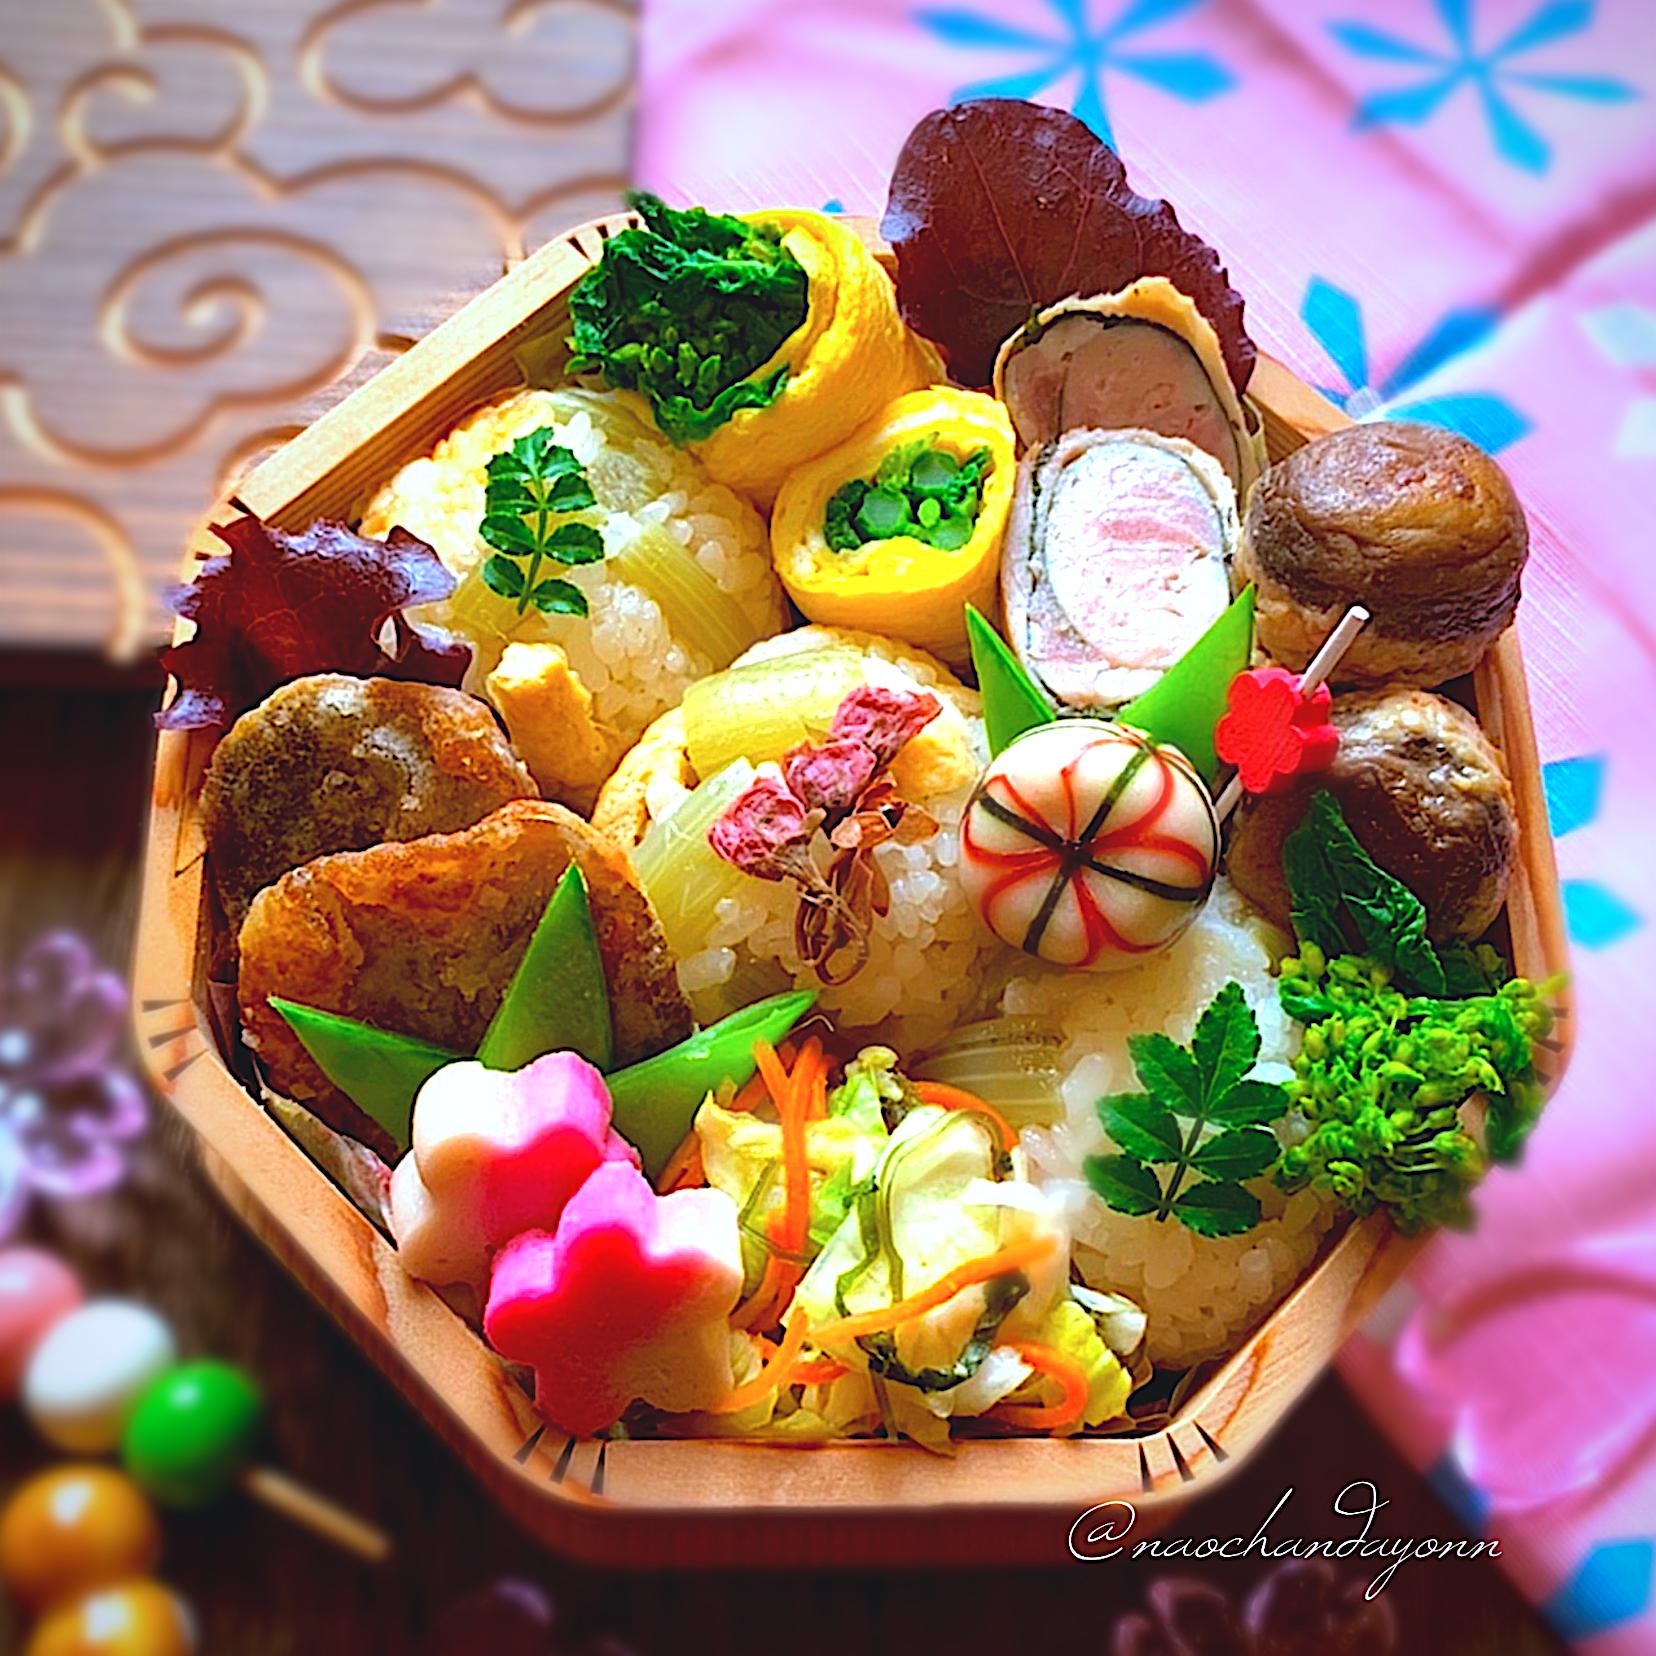 #今日のお弁当#春のおにぎり弁当